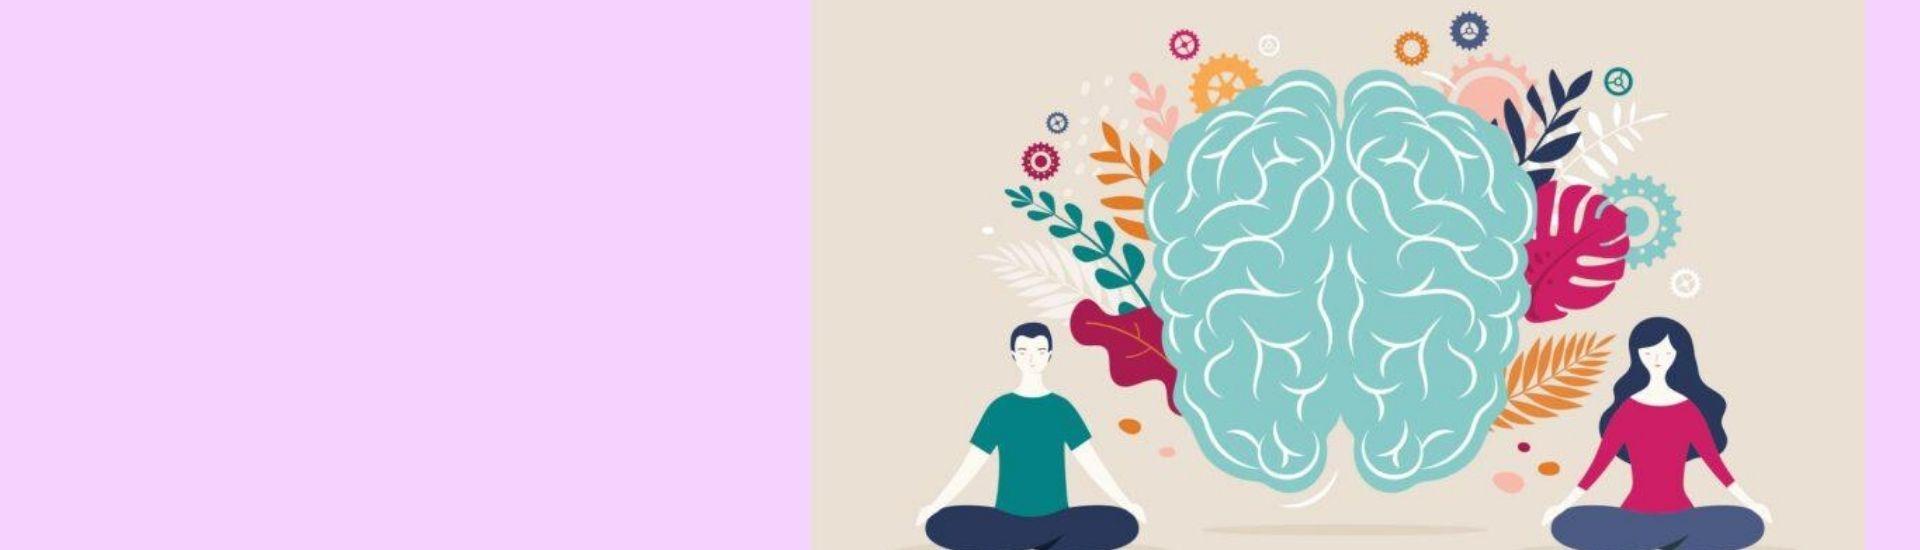 ilustración de un cerebro con dos personas concentradas alrededor